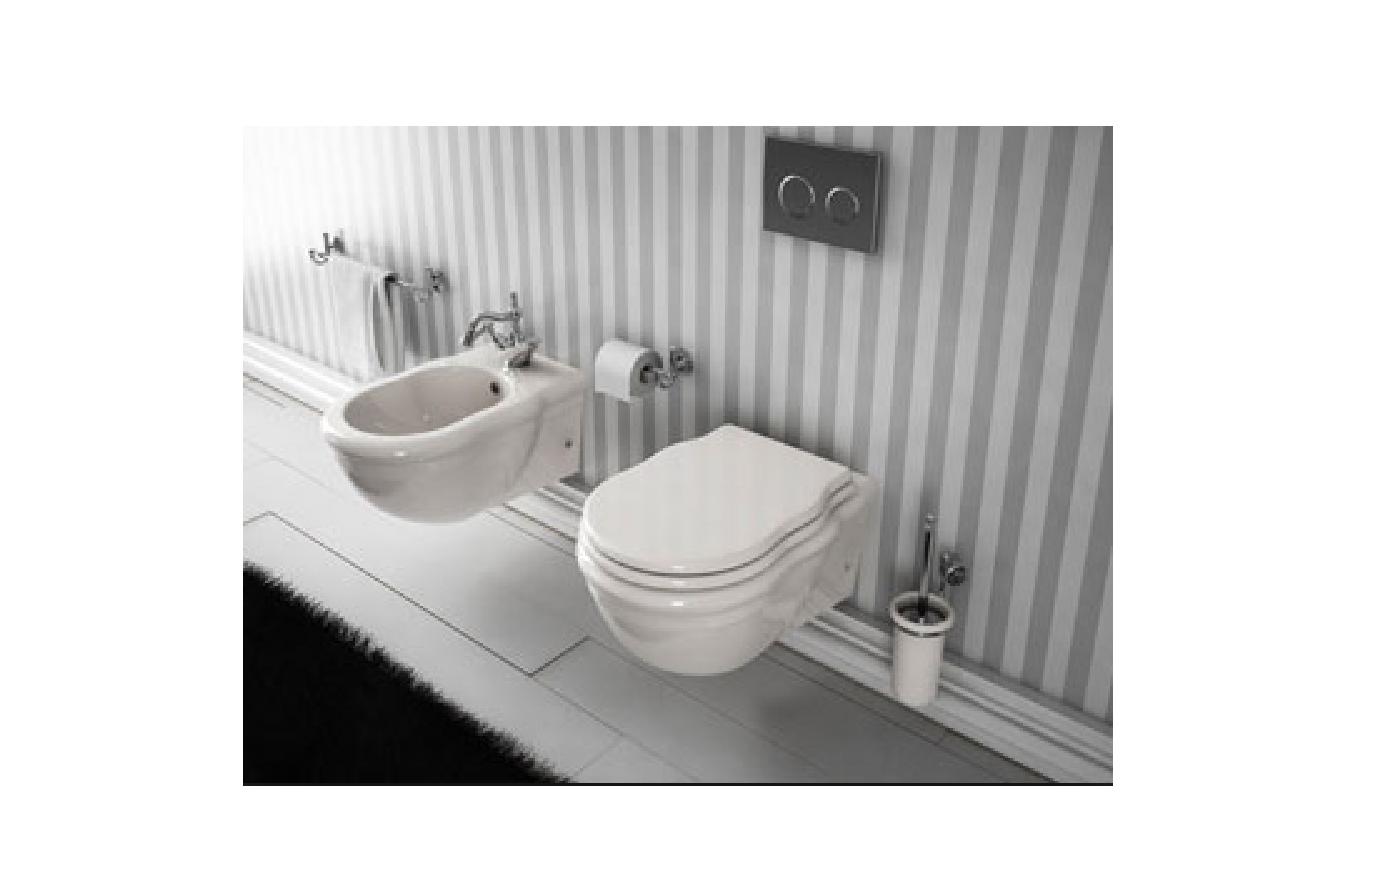 Sanitari da bagno sanitari vaso sospeso hermitage